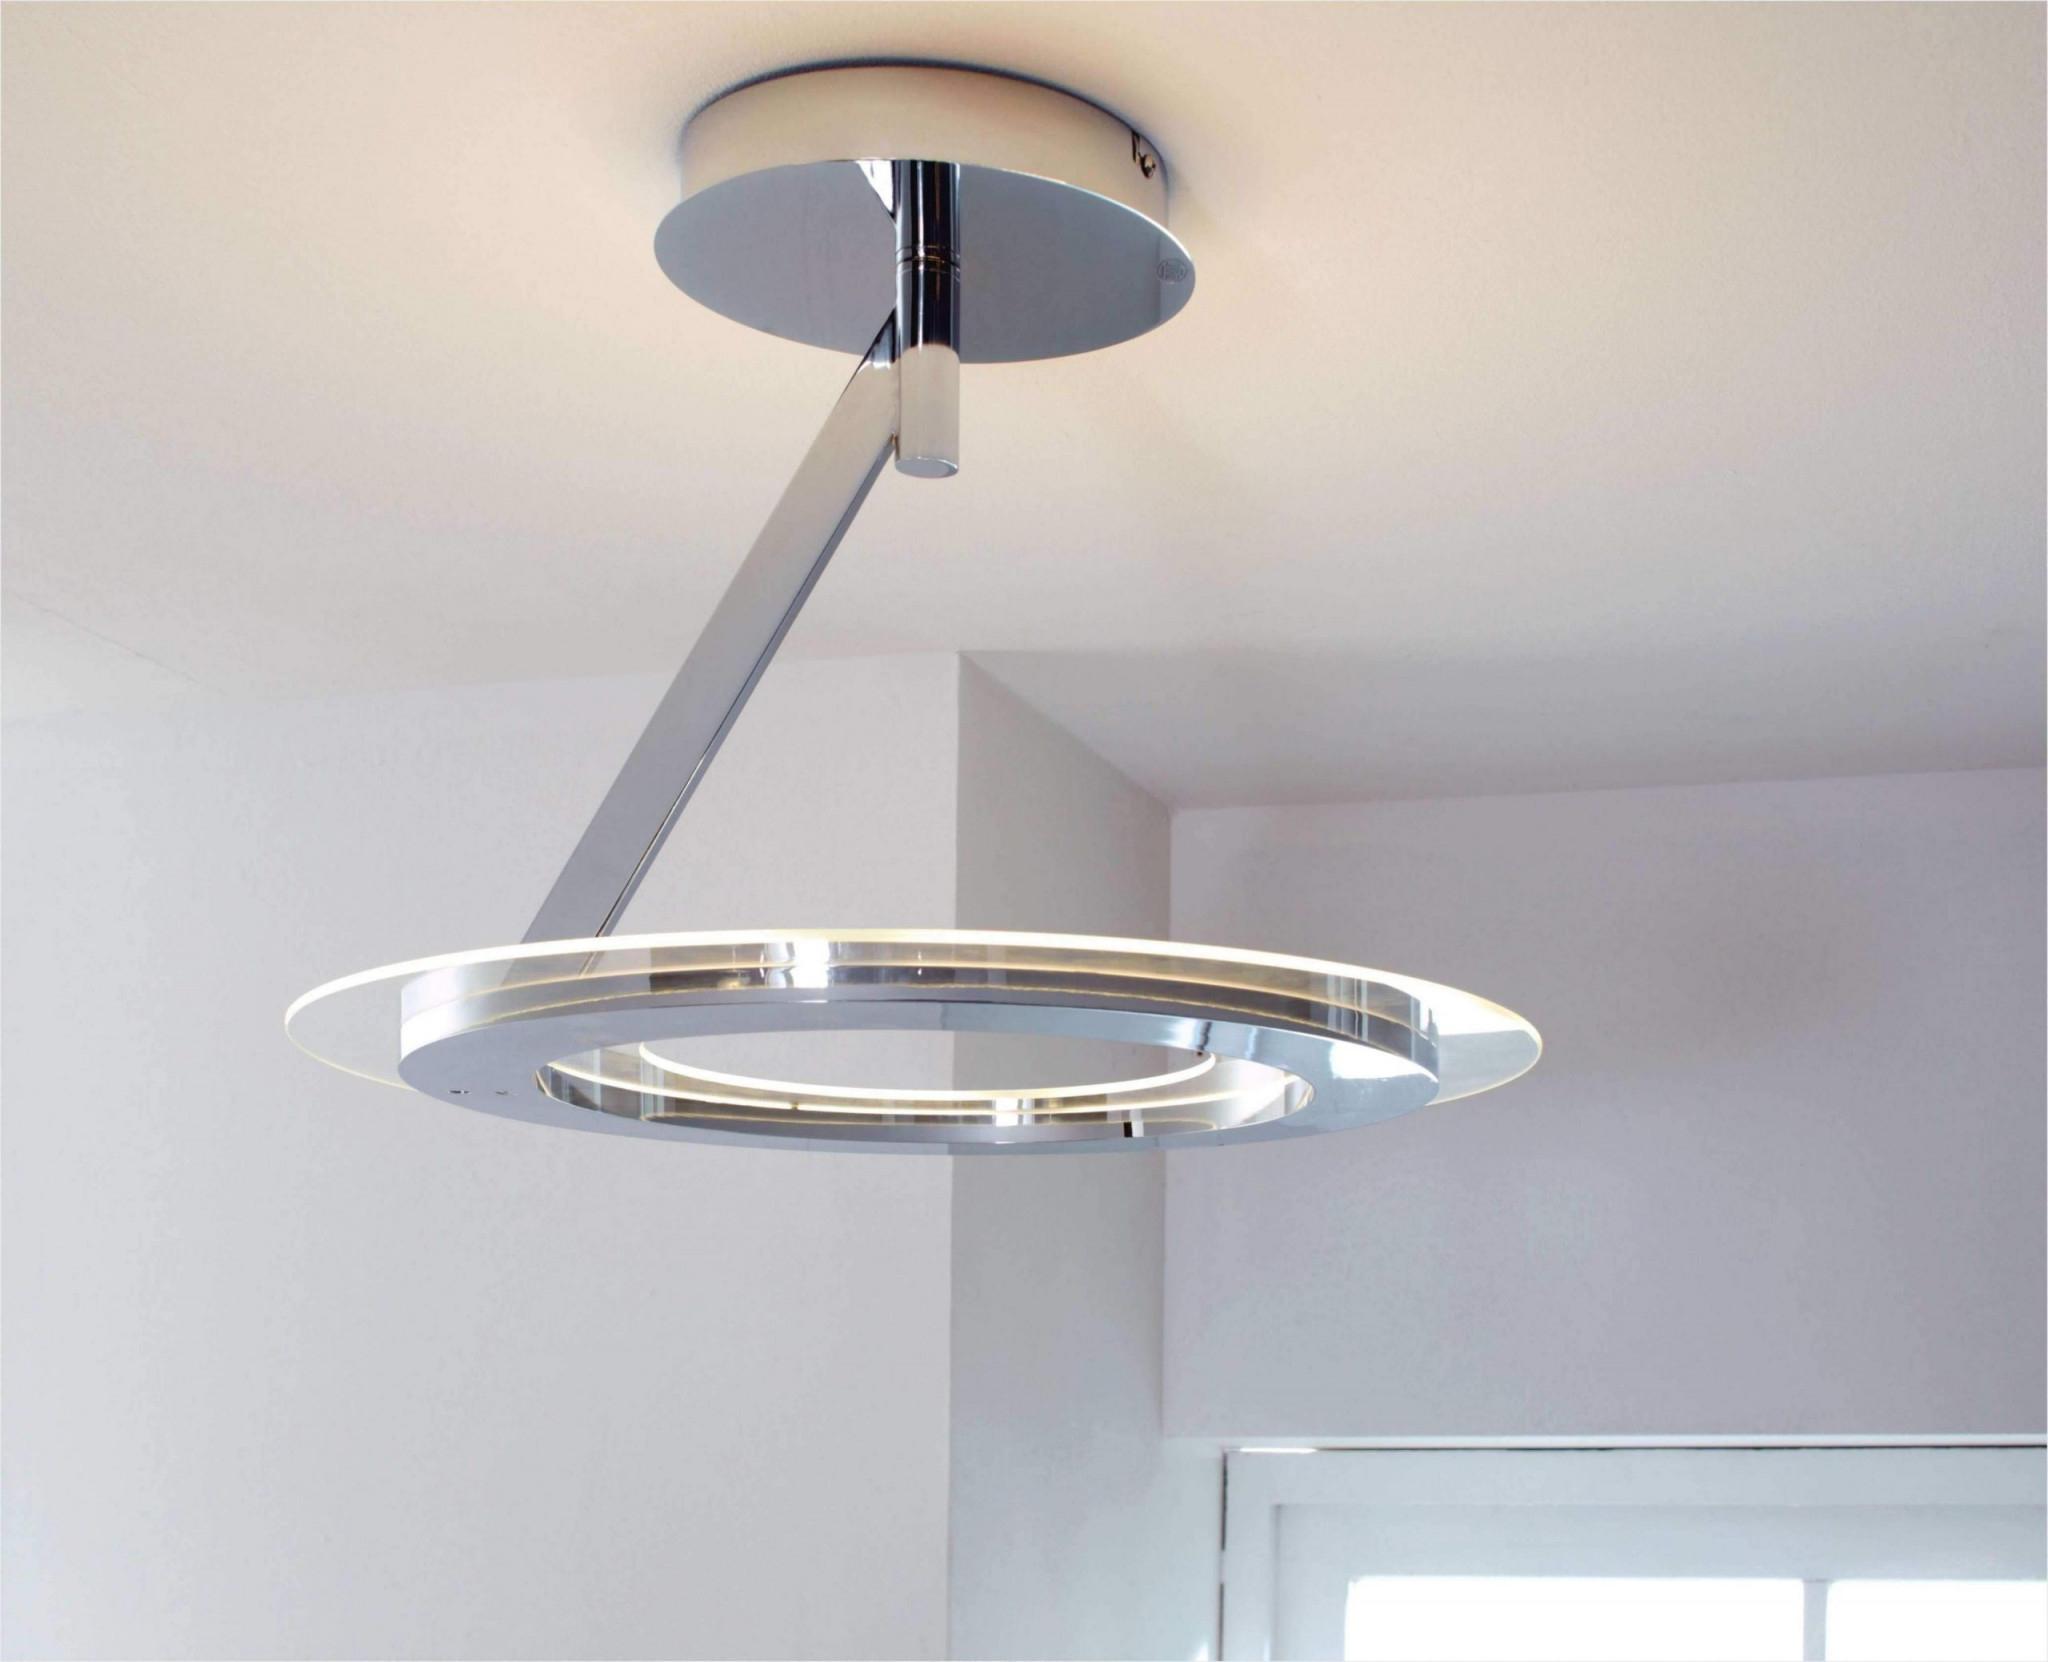 Deckenlampe Wohnzimmer Dimmbar Reizend Deckenleuchte von Dimmbare Deckenlampe Wohnzimmer Bild